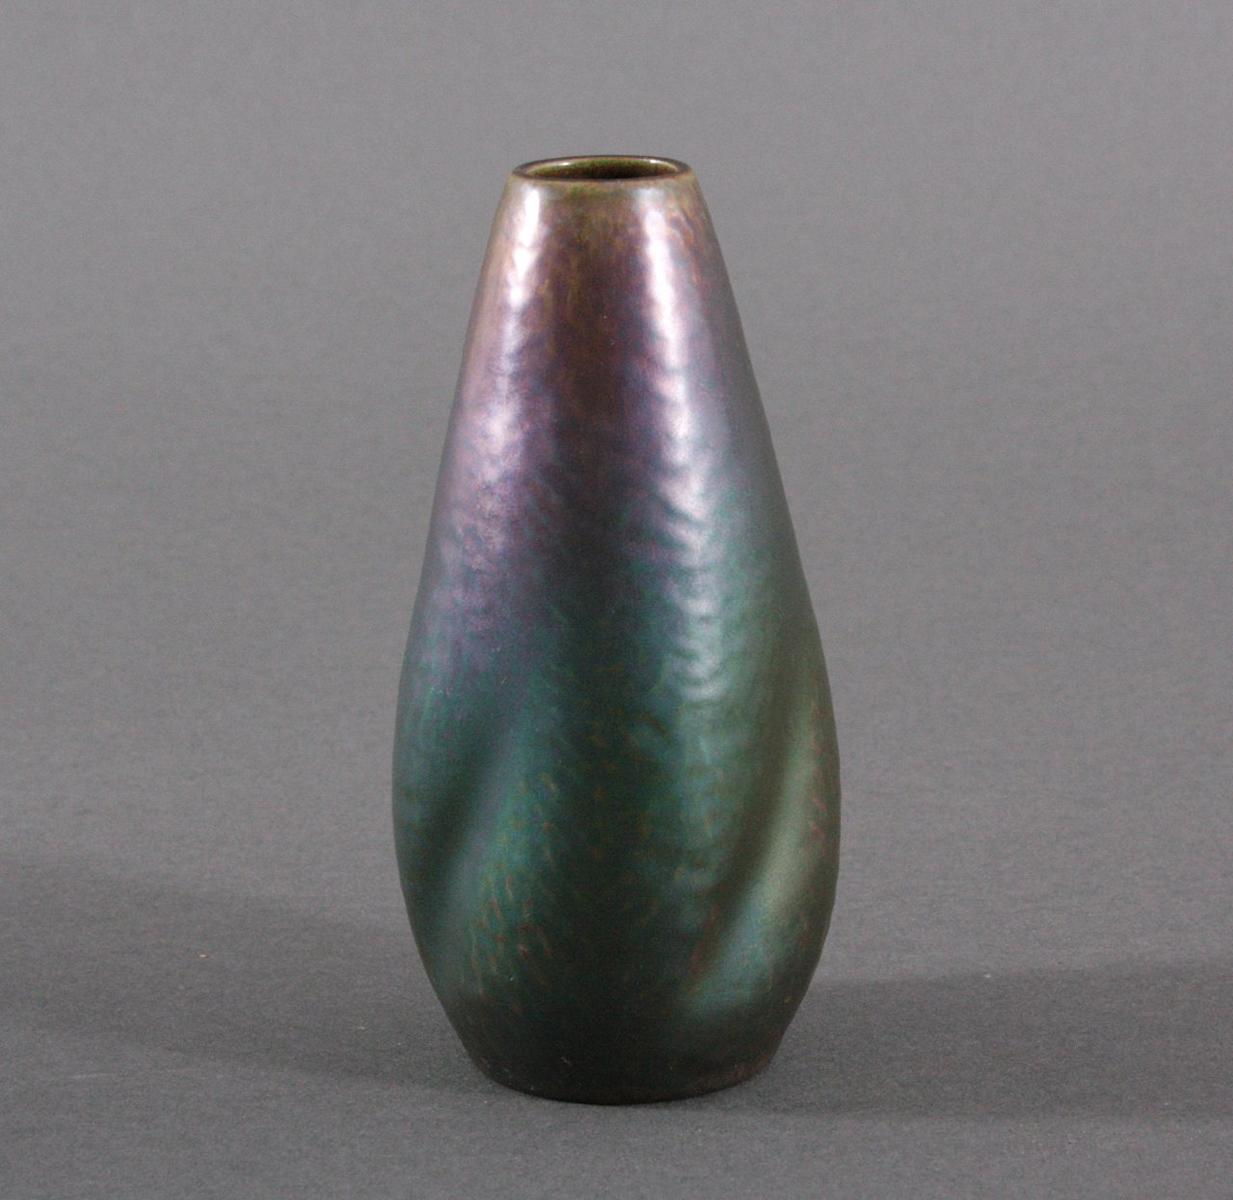 Jugendstil-Vase, Jean Baptiste Gazietto (1891-1957)